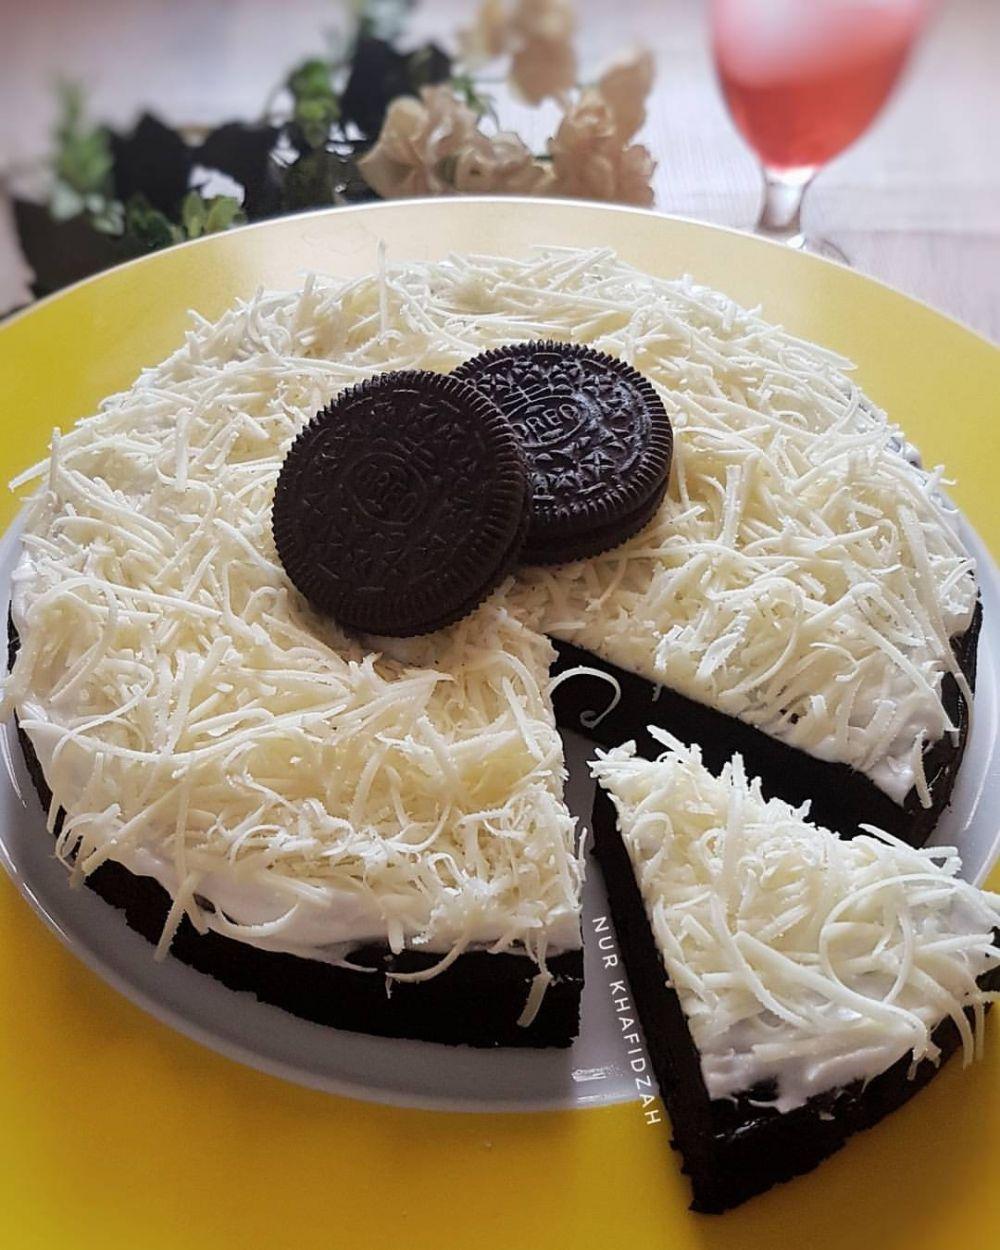 Resep kue basah untuk lebaran Instagram